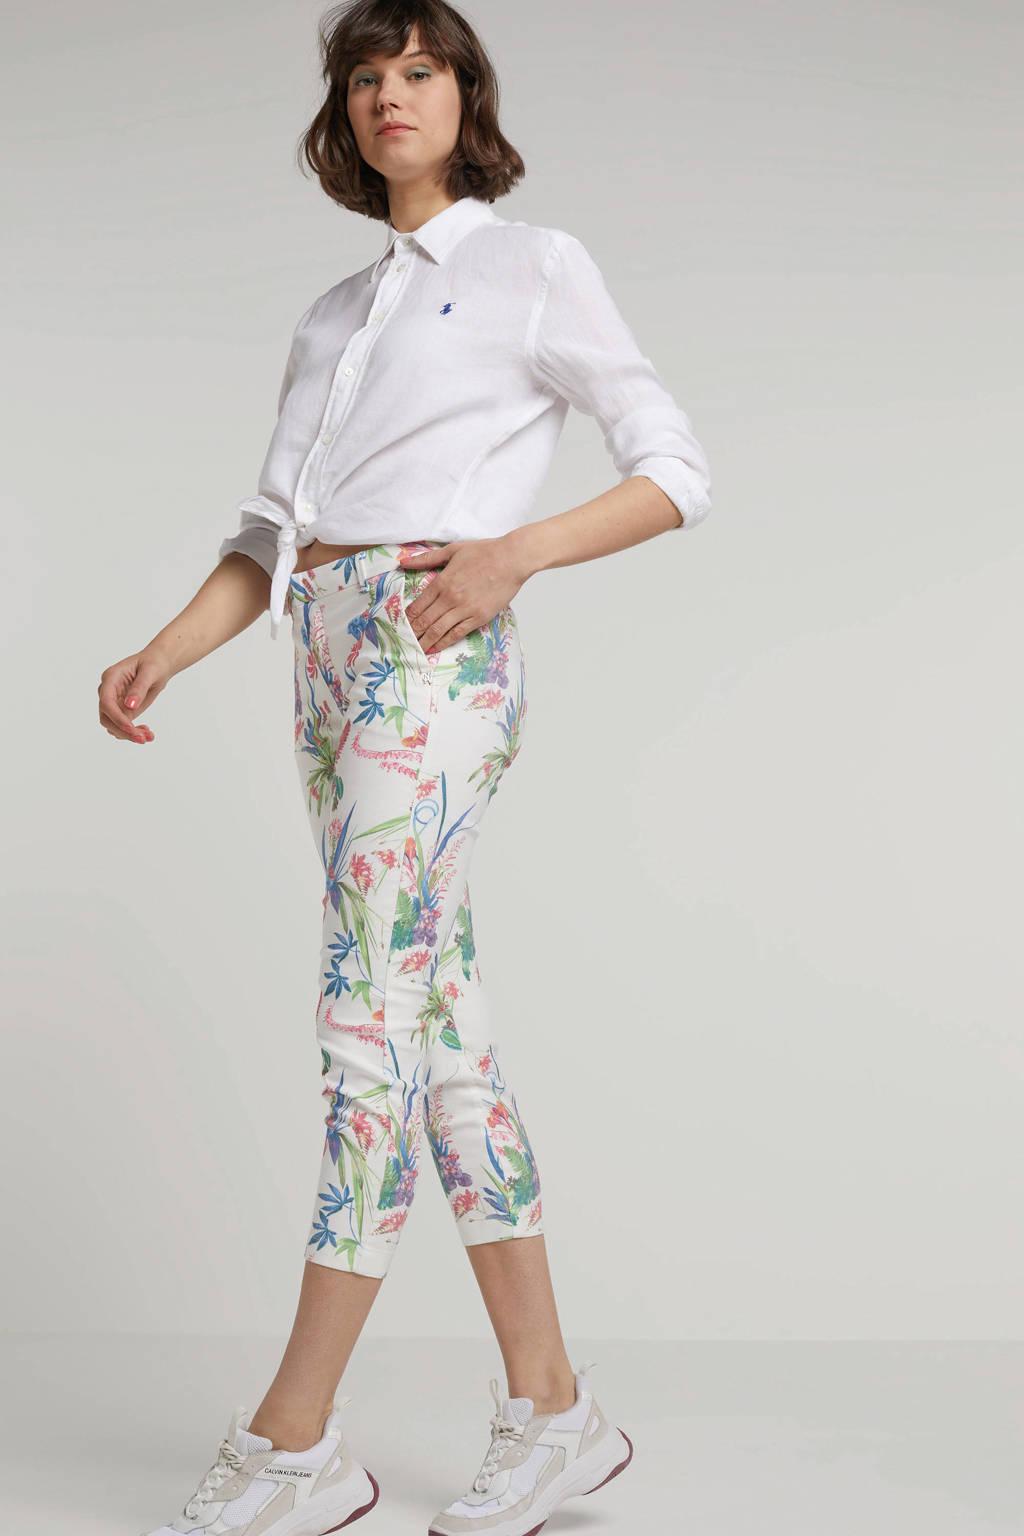 NickJean Sandy gebloemde broek, Wit/Roze/Groen/Blauw